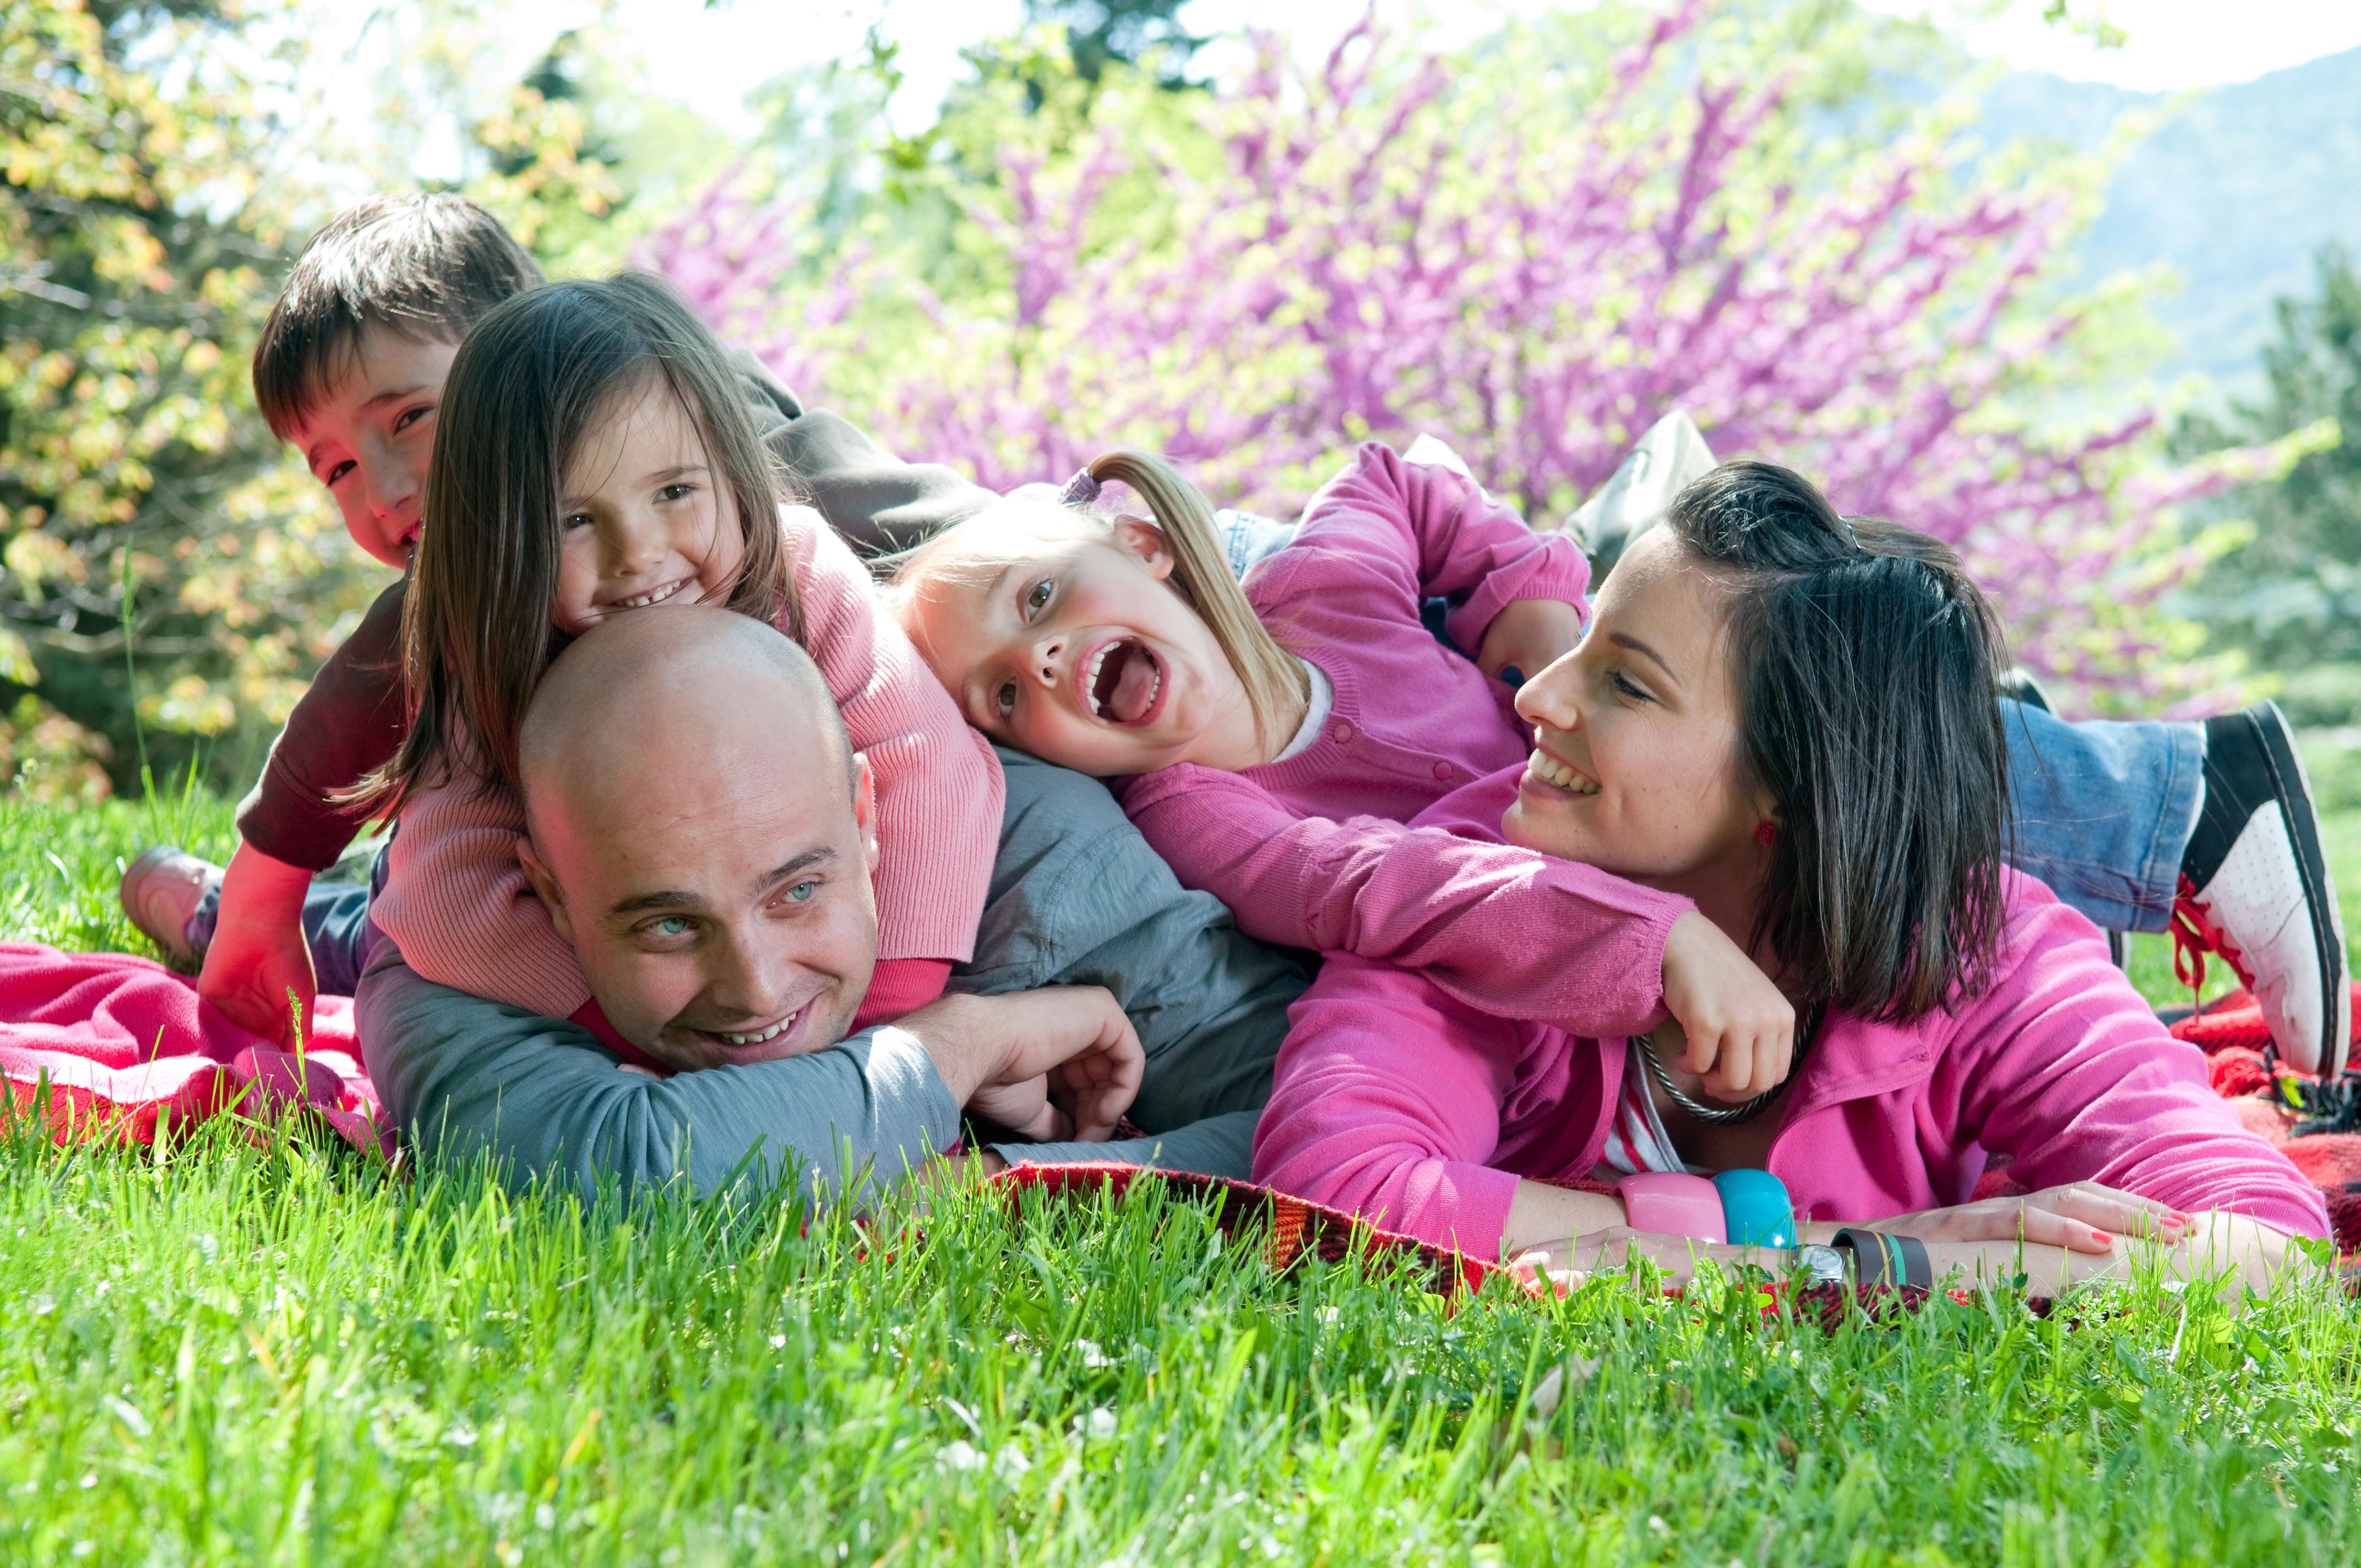 Happy-family-smiling | kraftyarts.com